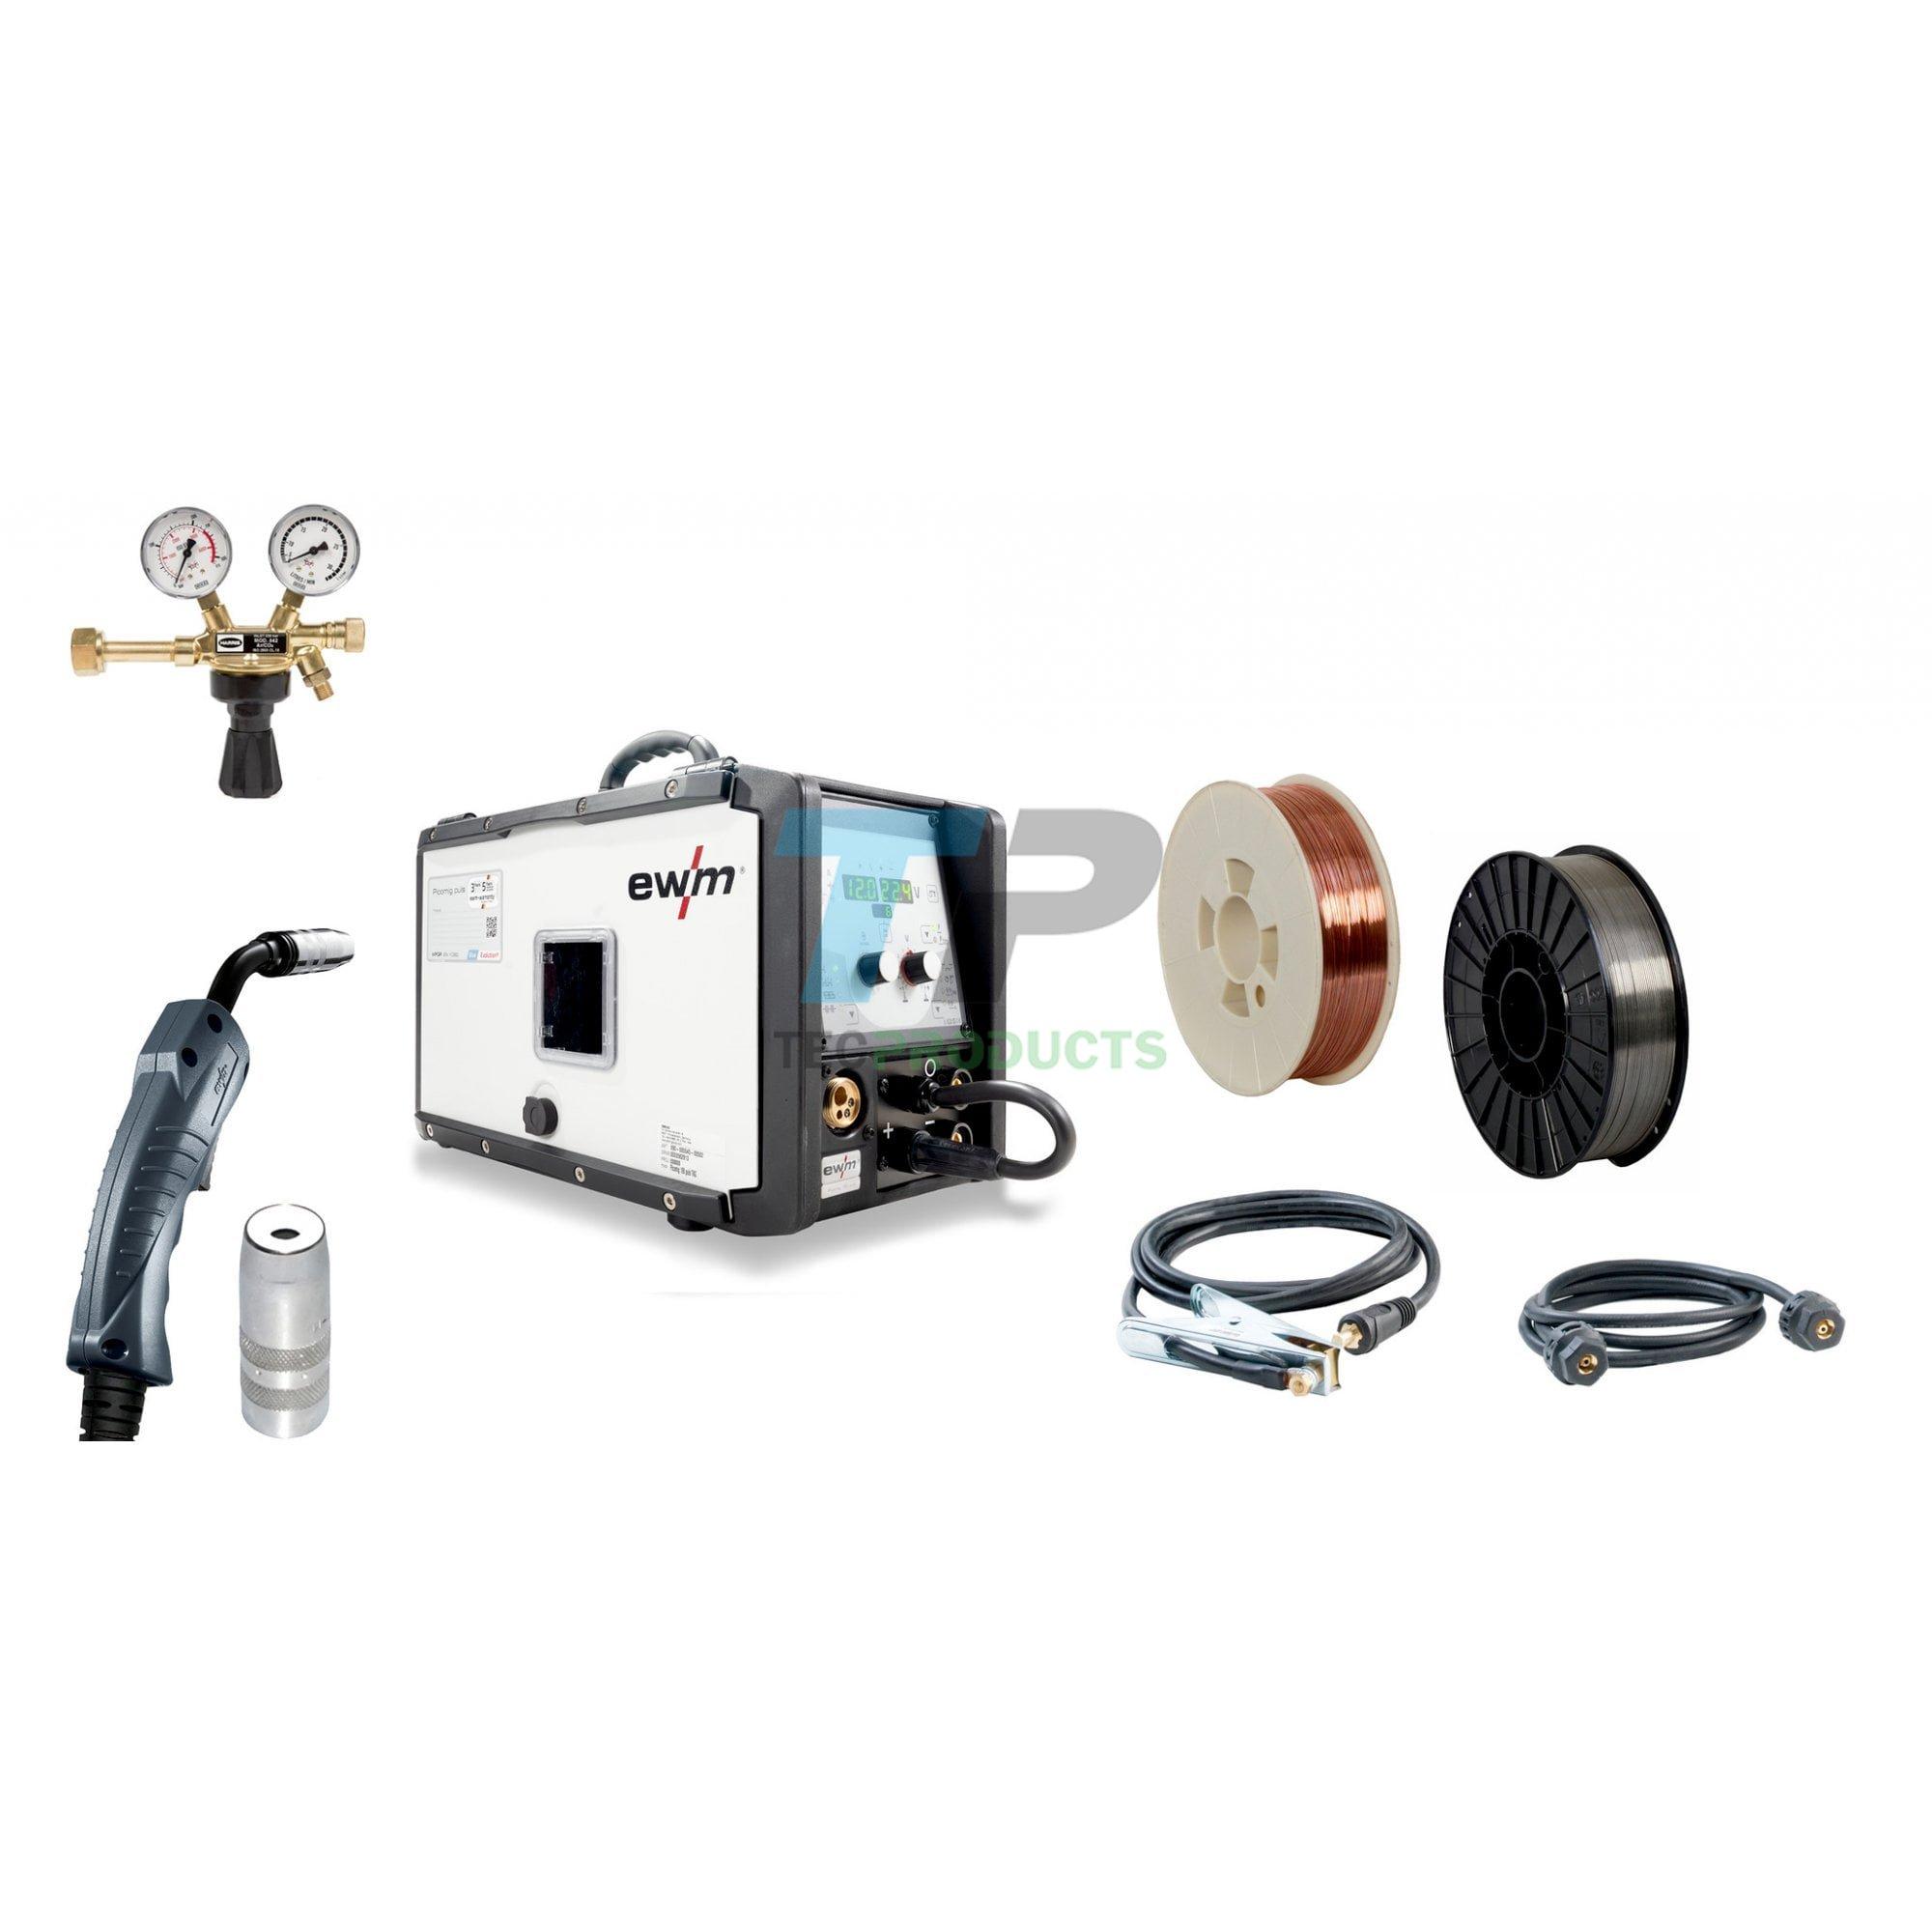 Ewm Picomig 180a Puls Inverter Mig Welder Tec Products